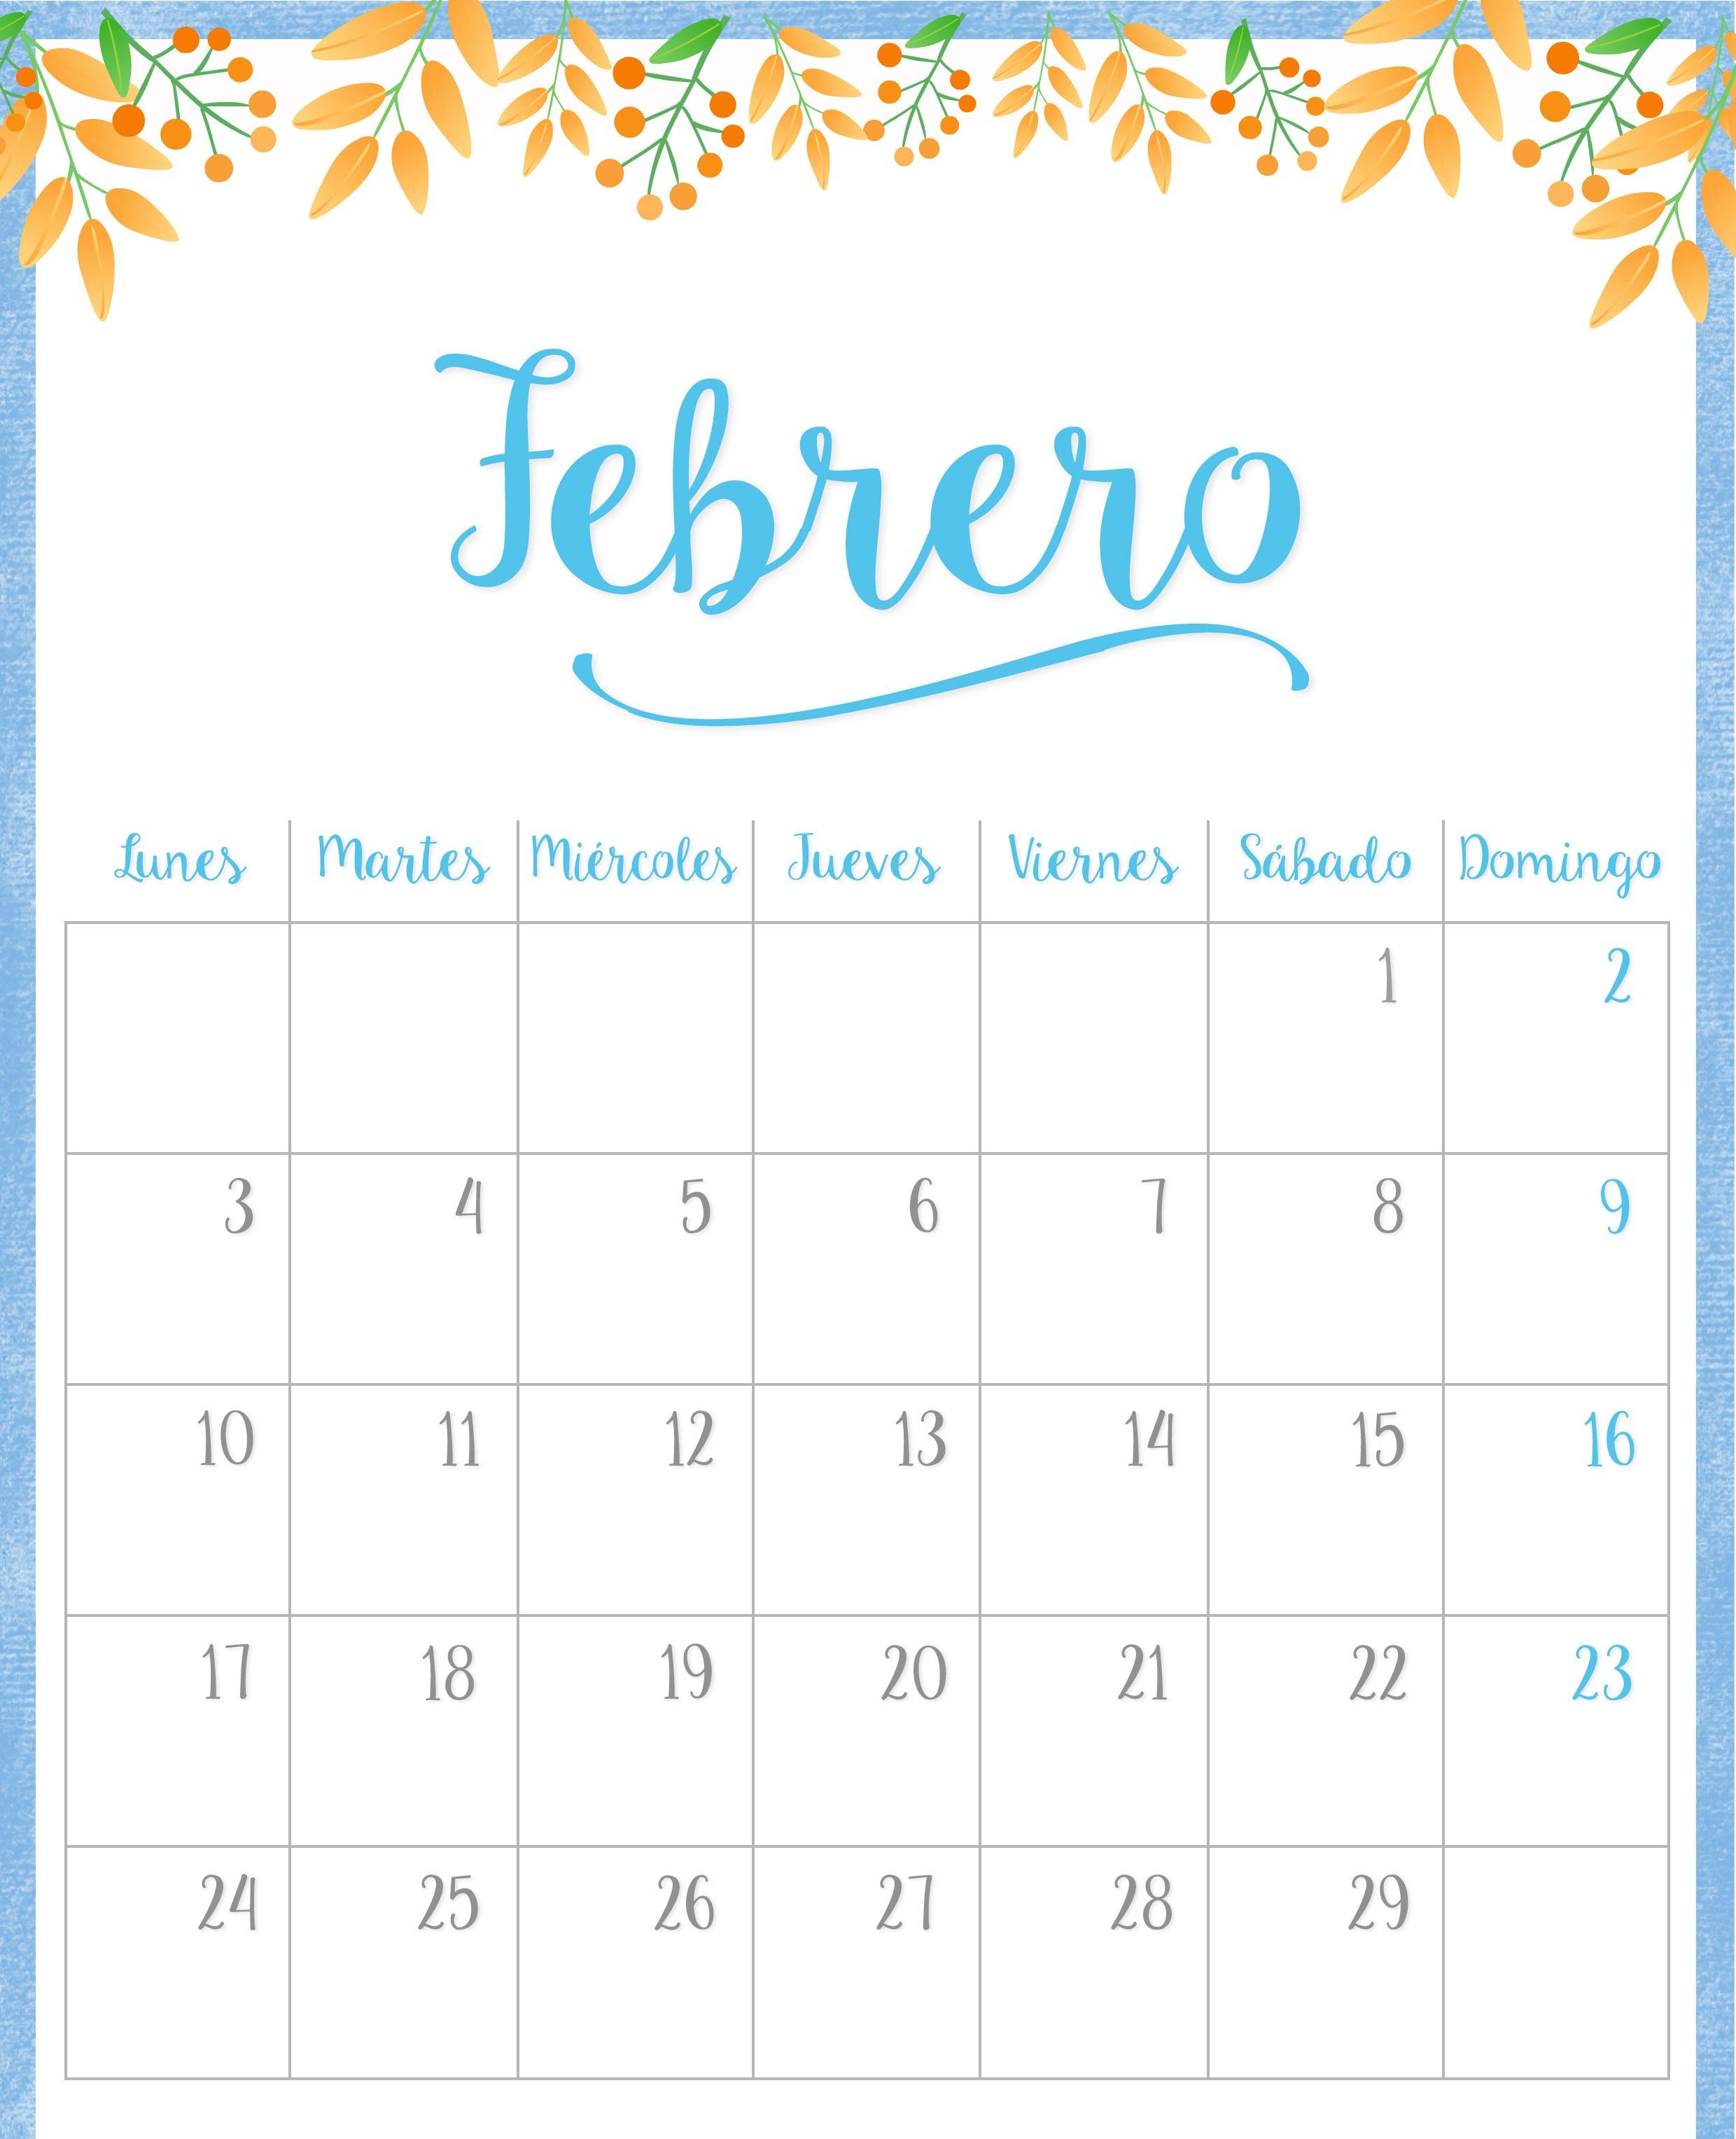 Calendario Febrero 2020 Excel